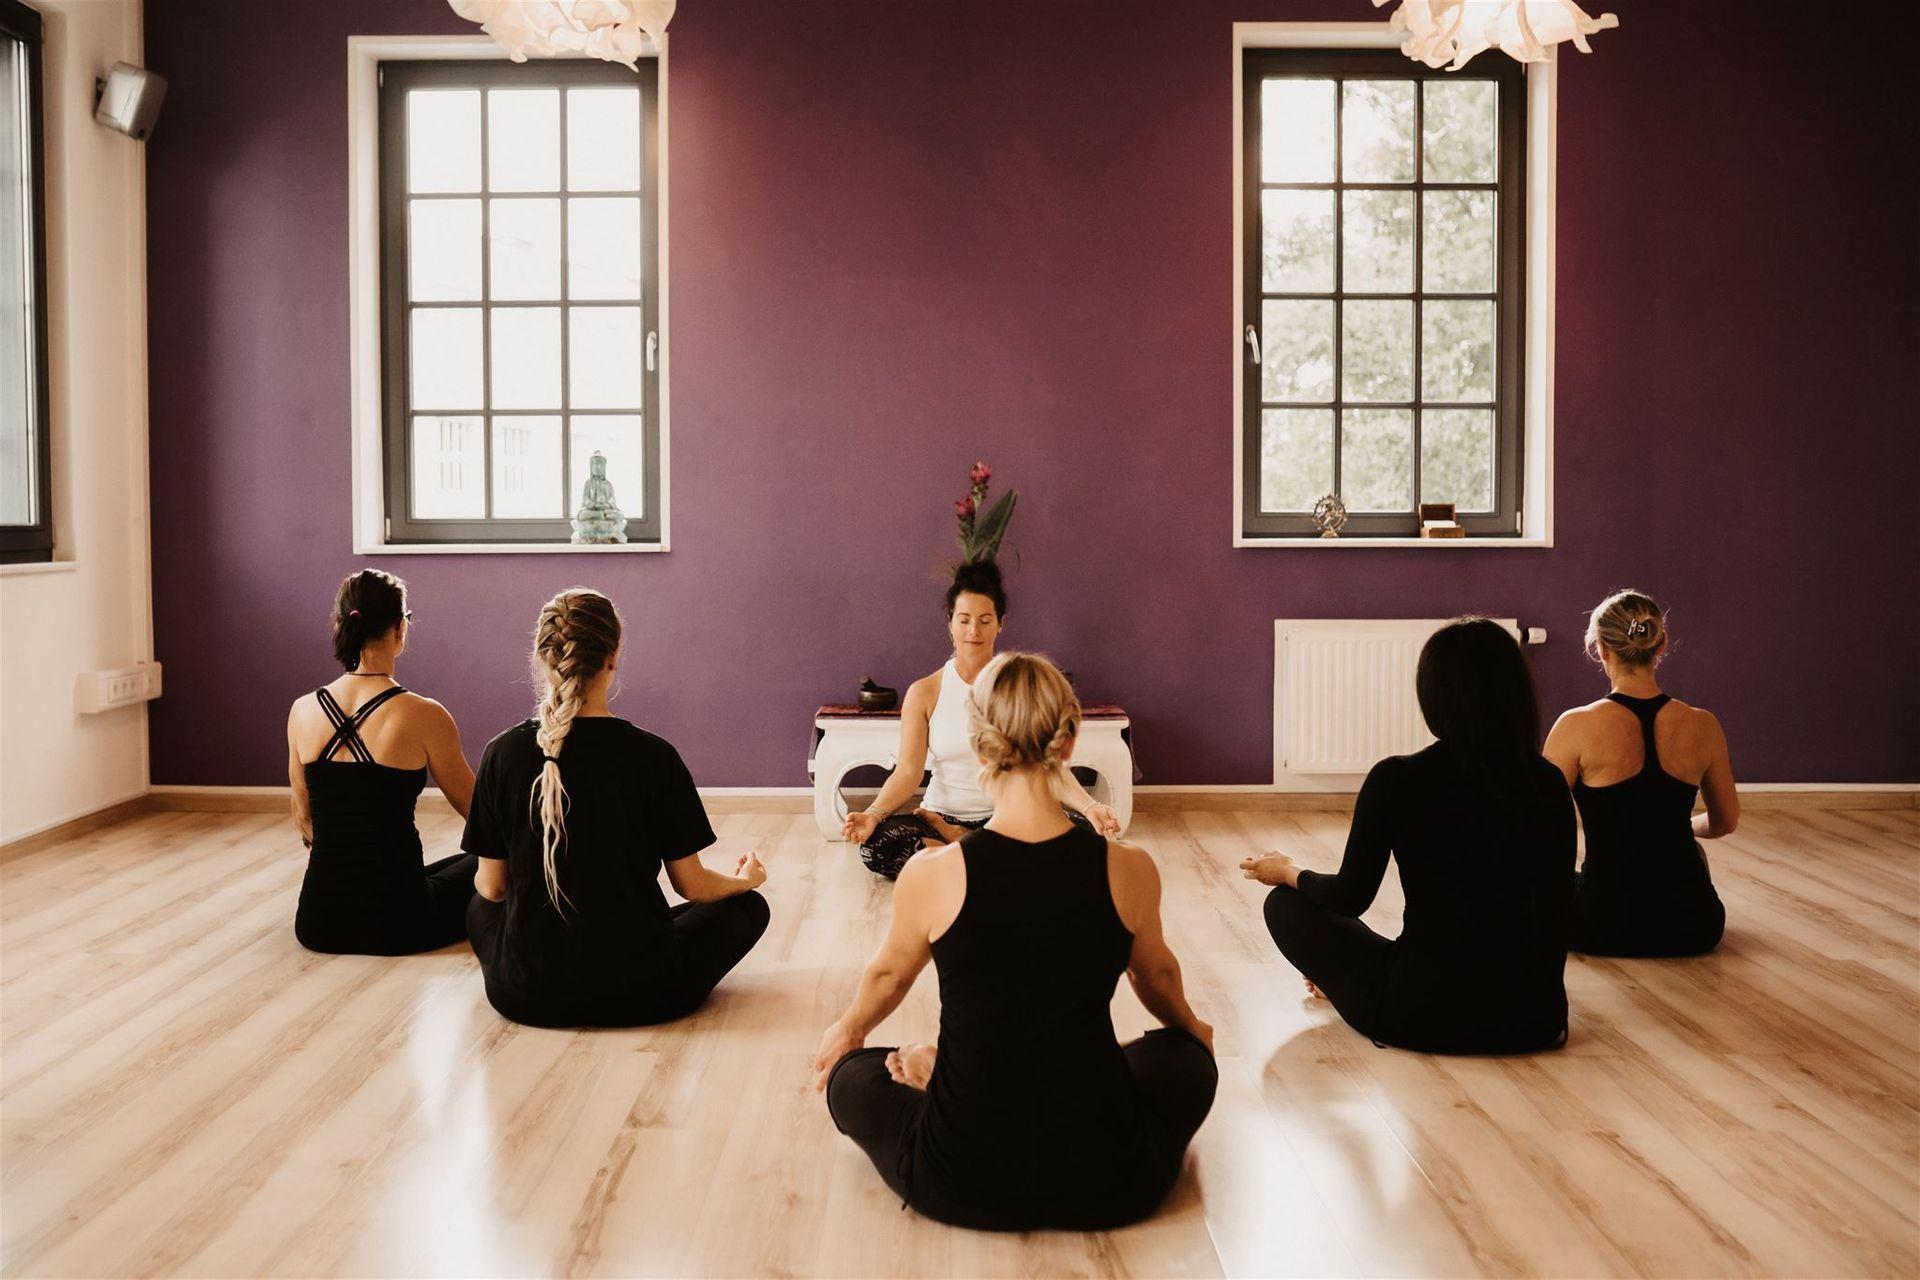 Betriebliches Gesundheitstraining mit Yoga - YOGA